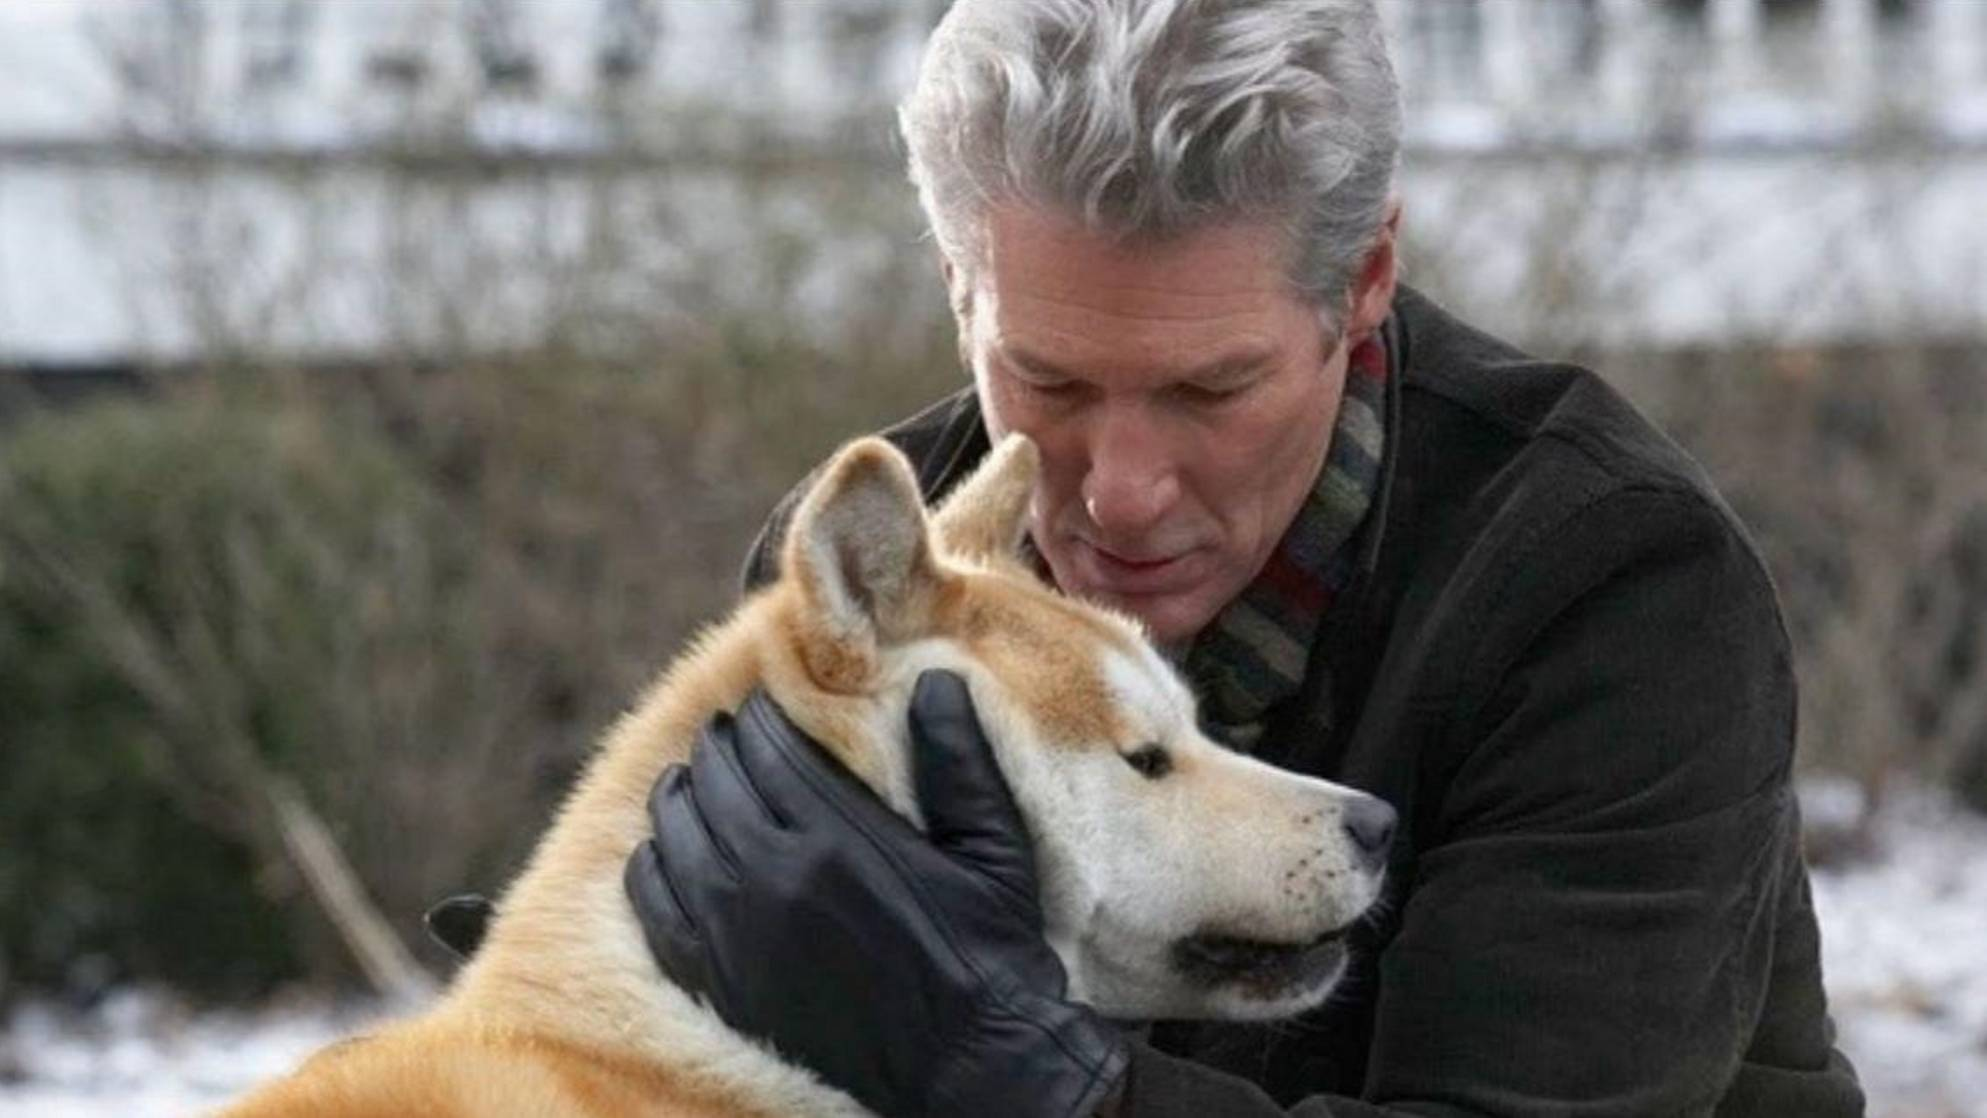 主人离世后,小狗仍守候在原地足足十年,直到死去,让人感动!